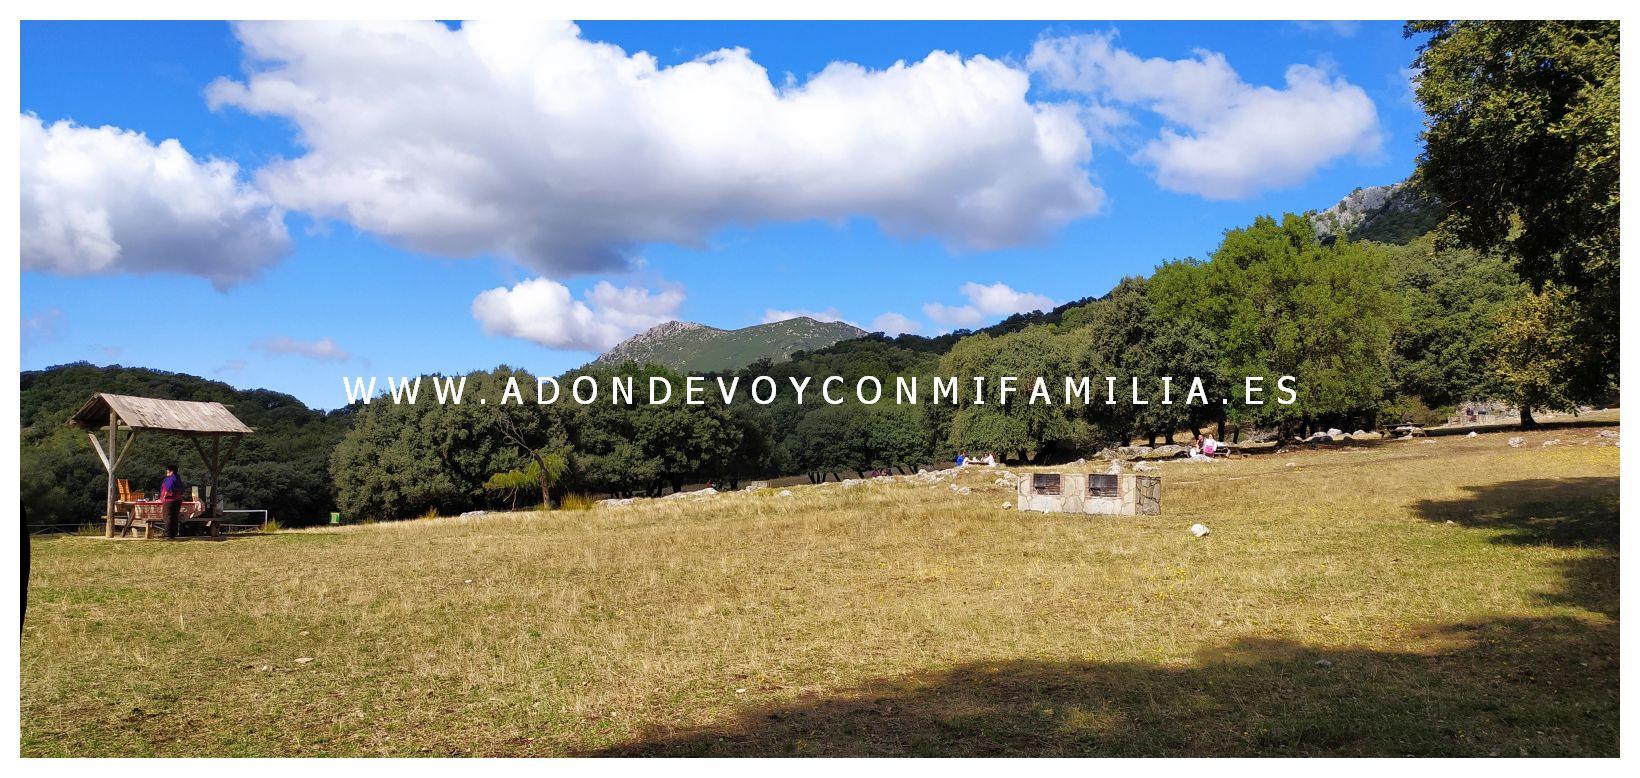 area recreativa los llanos del campo adondevoyconmifamilia 02